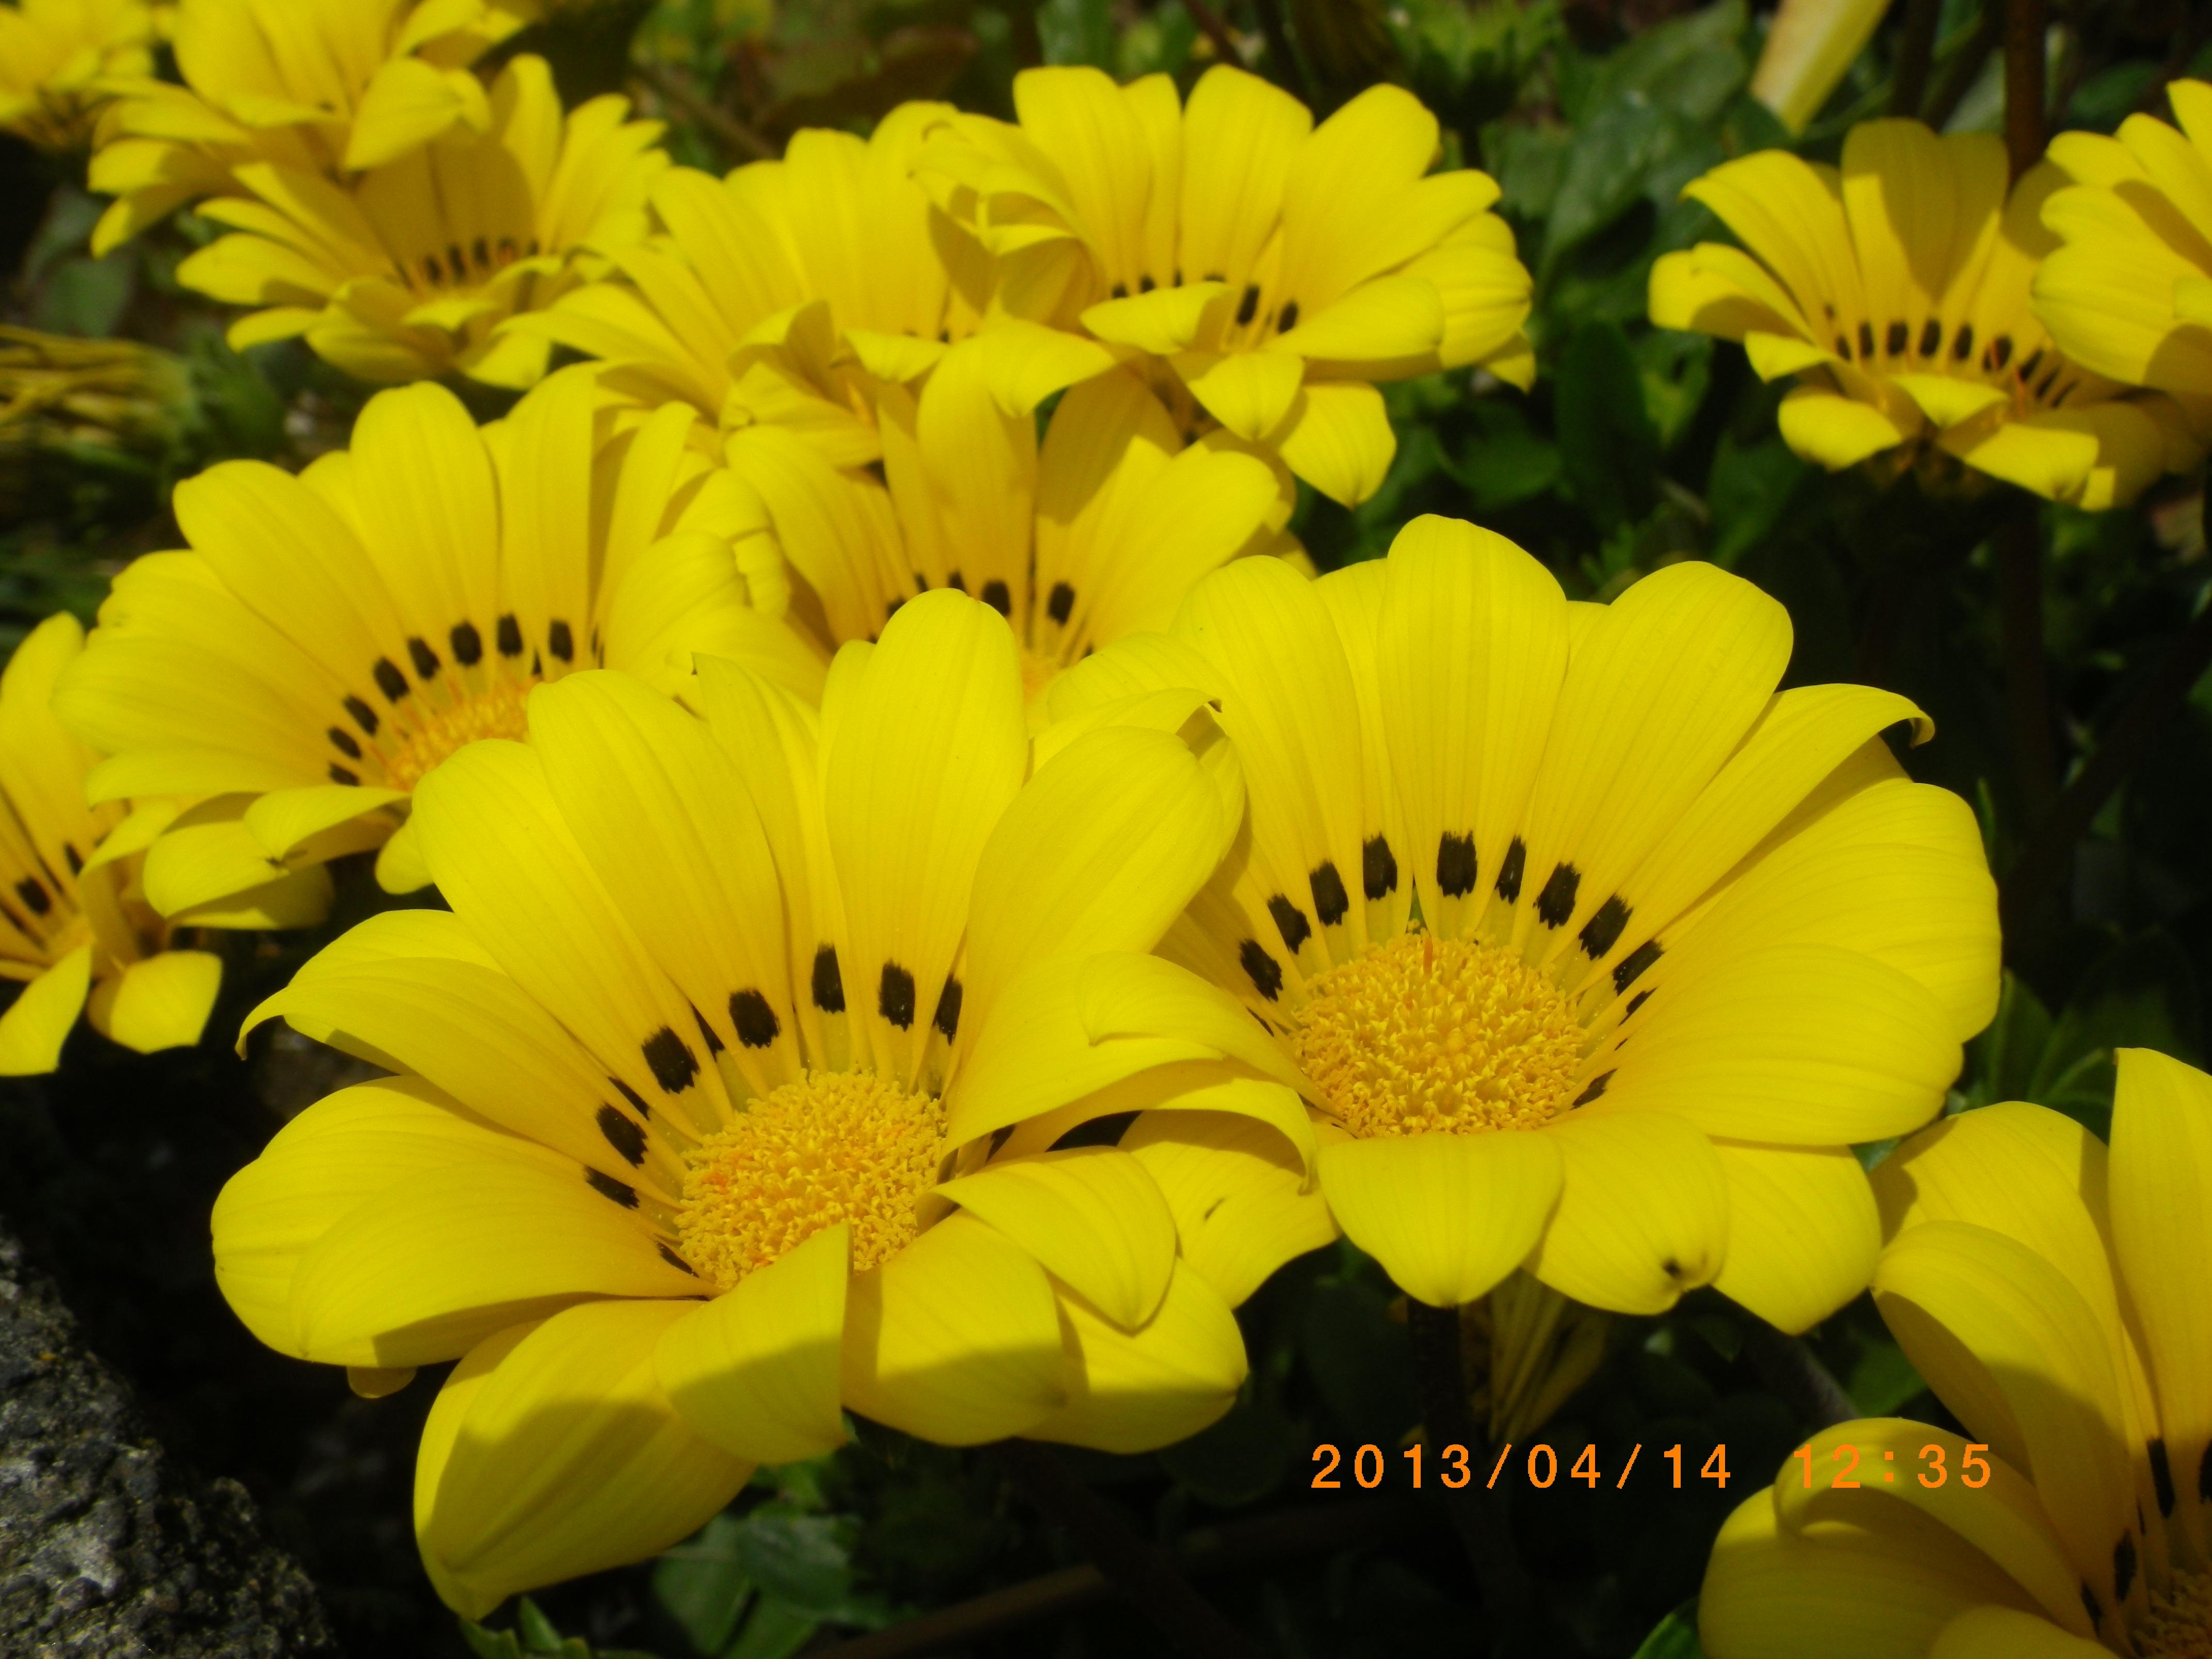 http://www.law-pro.jp/weblog/IMGP0105.JPG